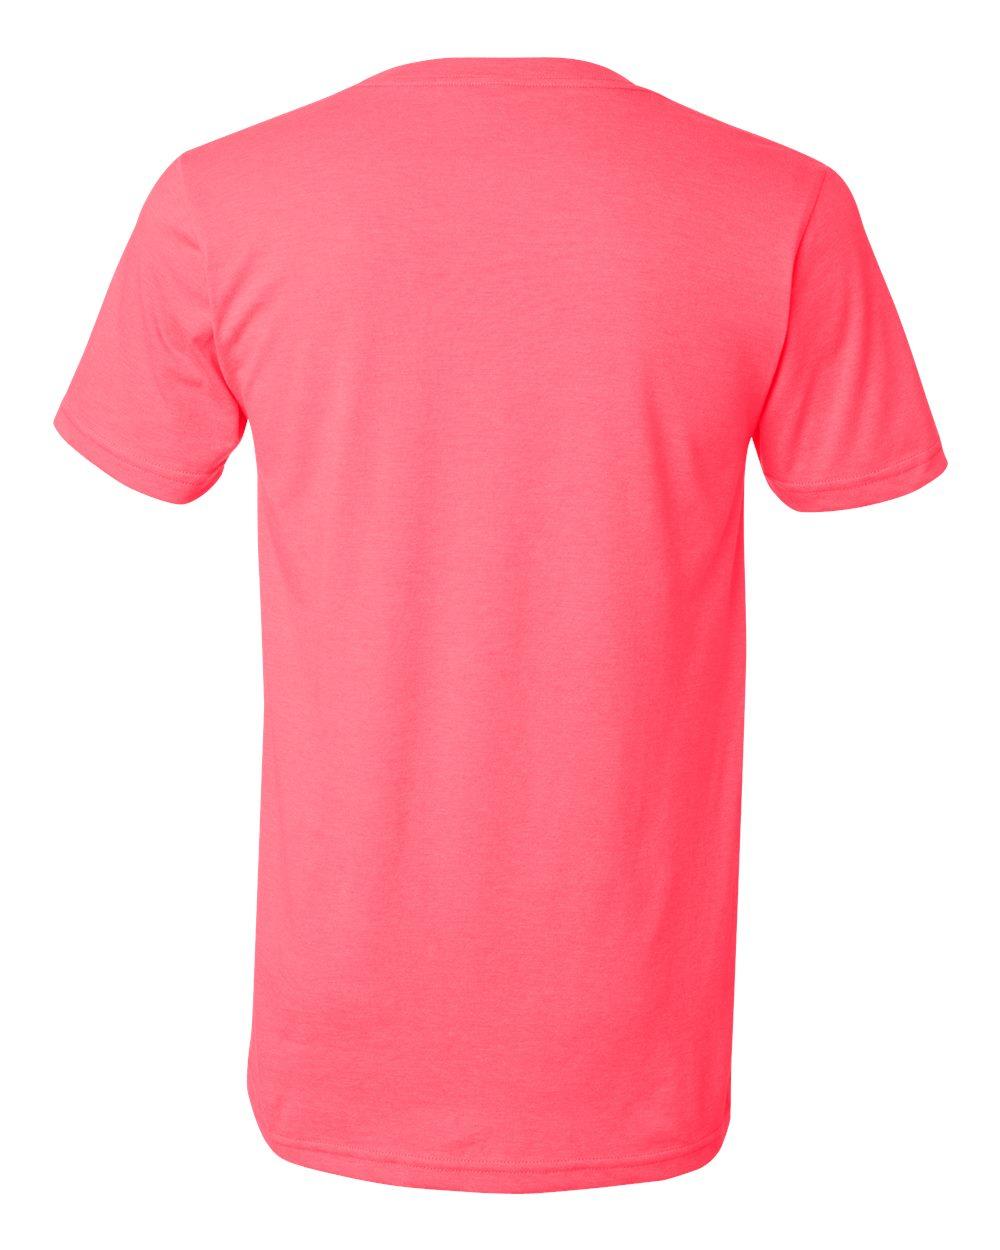 Bella-Canvas-Men-039-s-Jersey-Short-Sleeve-V-Neck-T-Shirt-3005-XS-3XL thumbnail 13